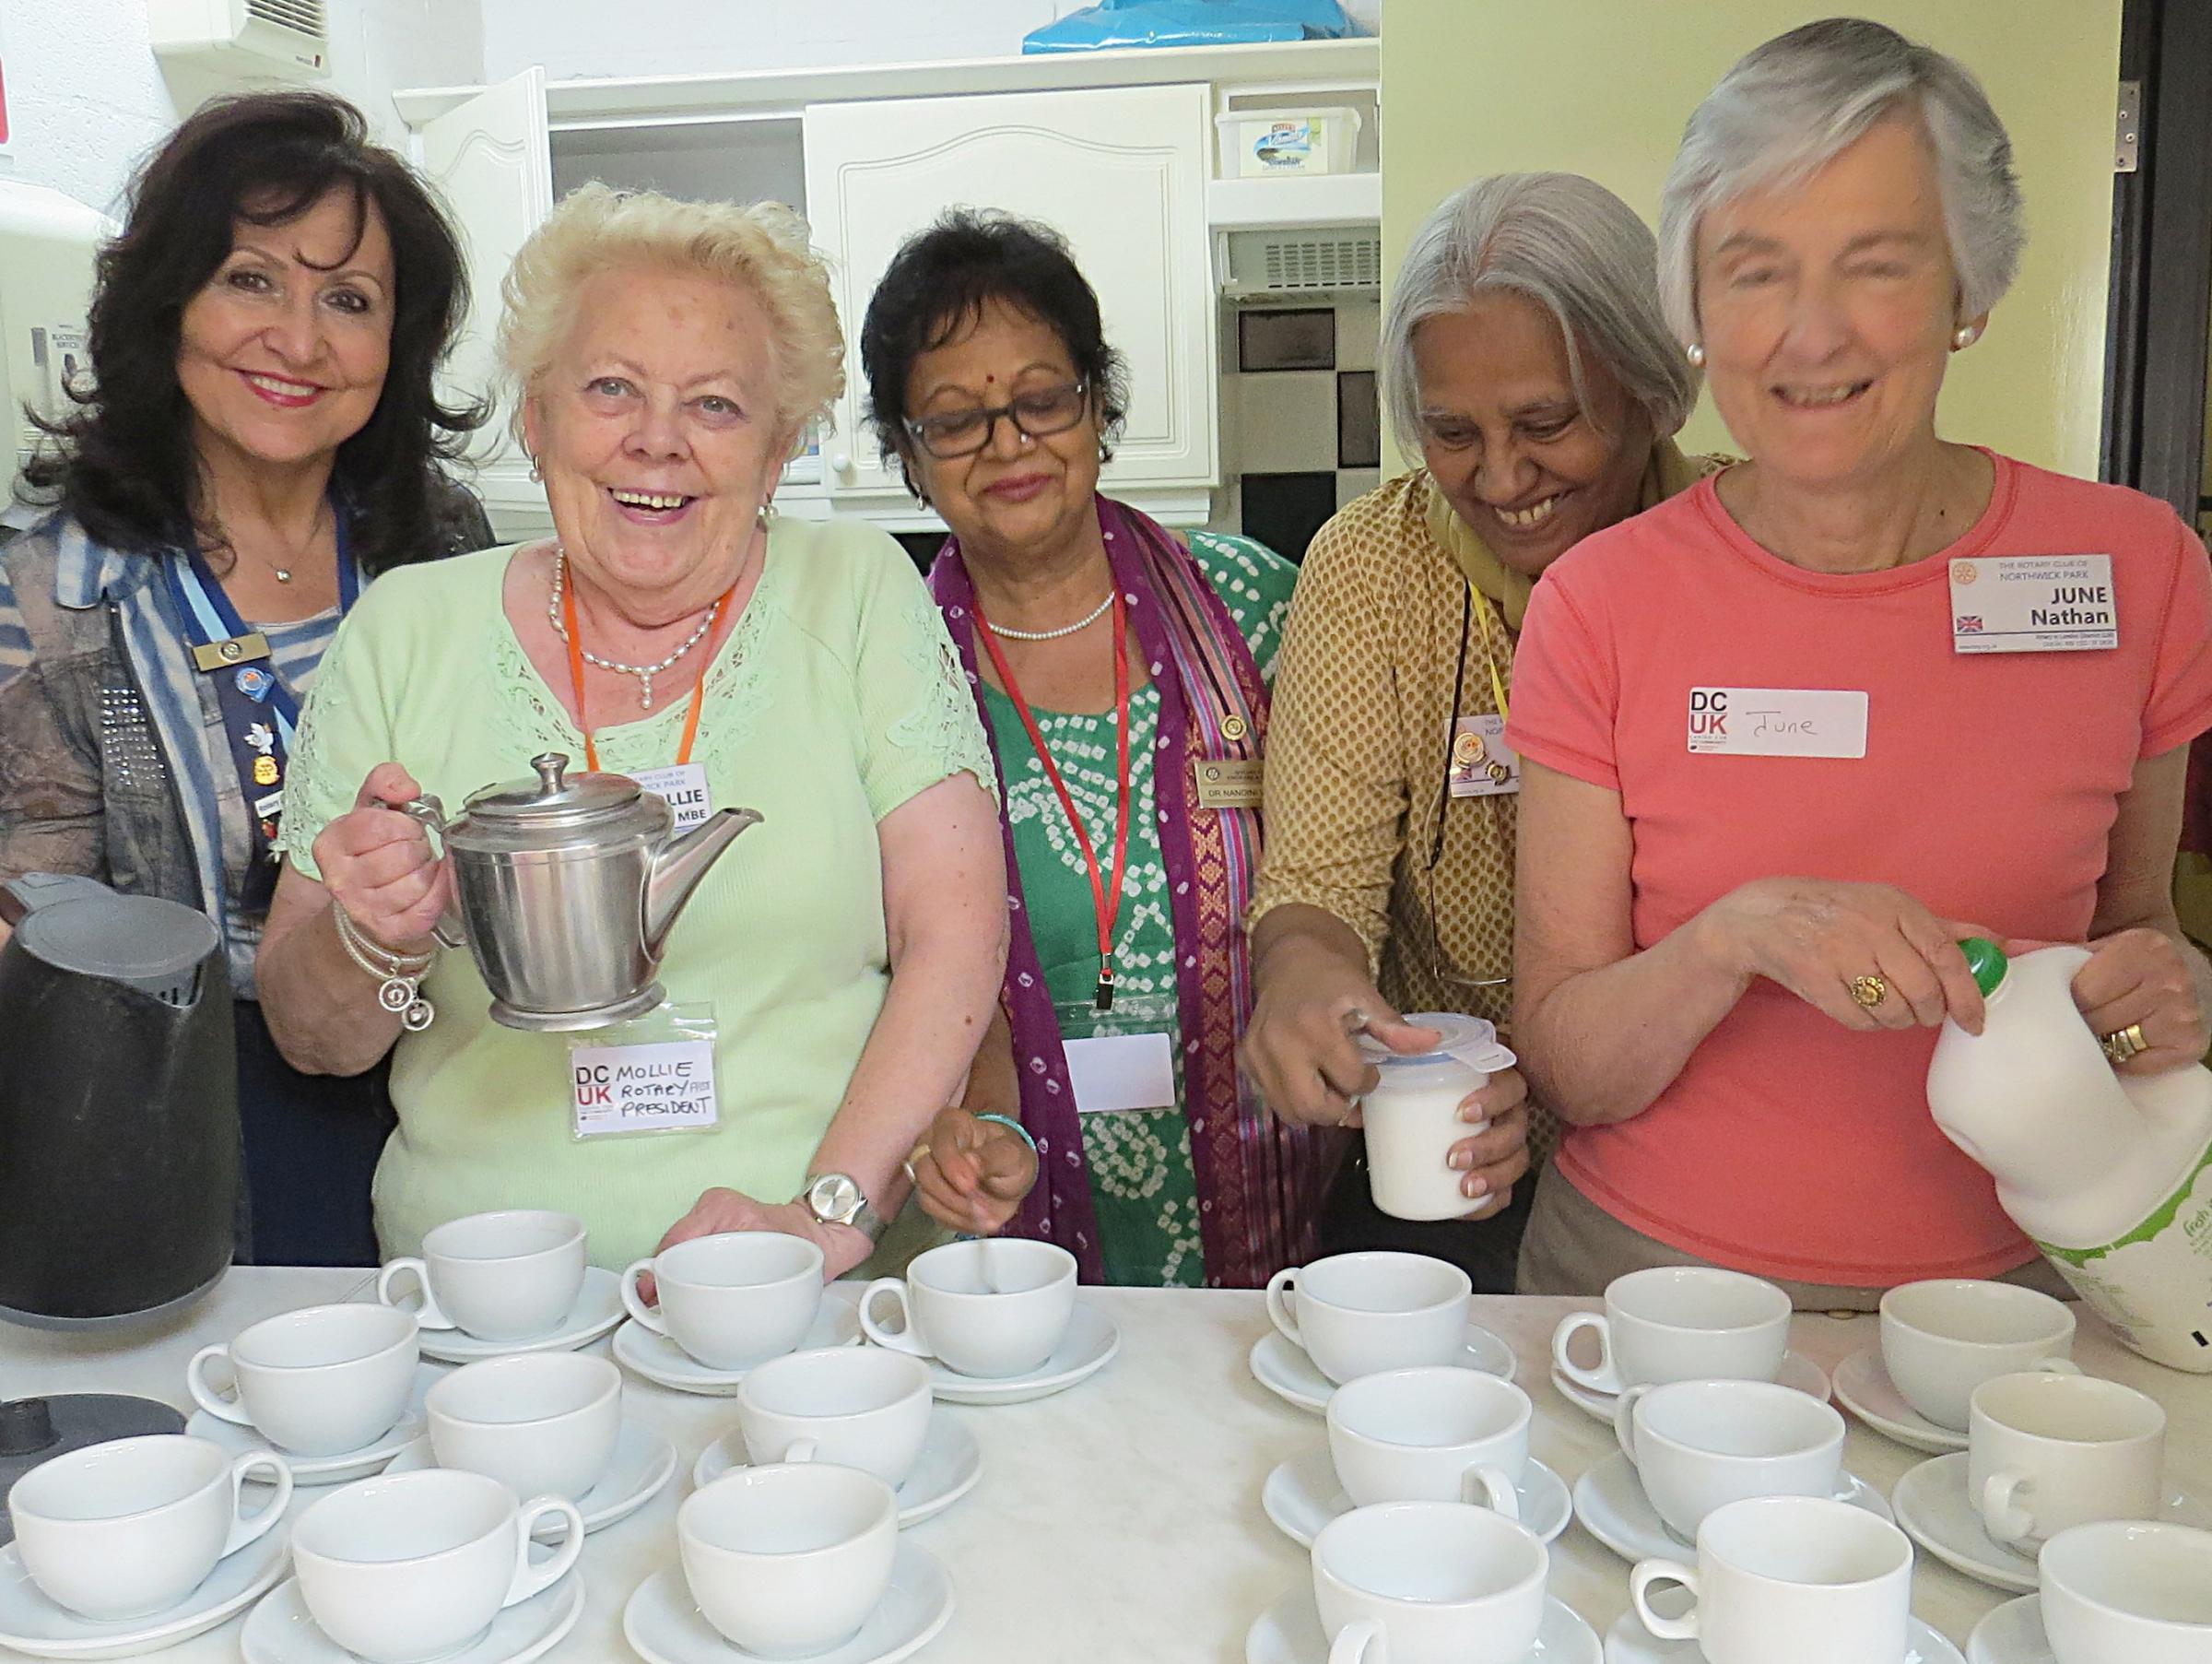 Nuevas reuniones sobre demencia lanzadas por los clubes rotarios de Harrow y Edgware